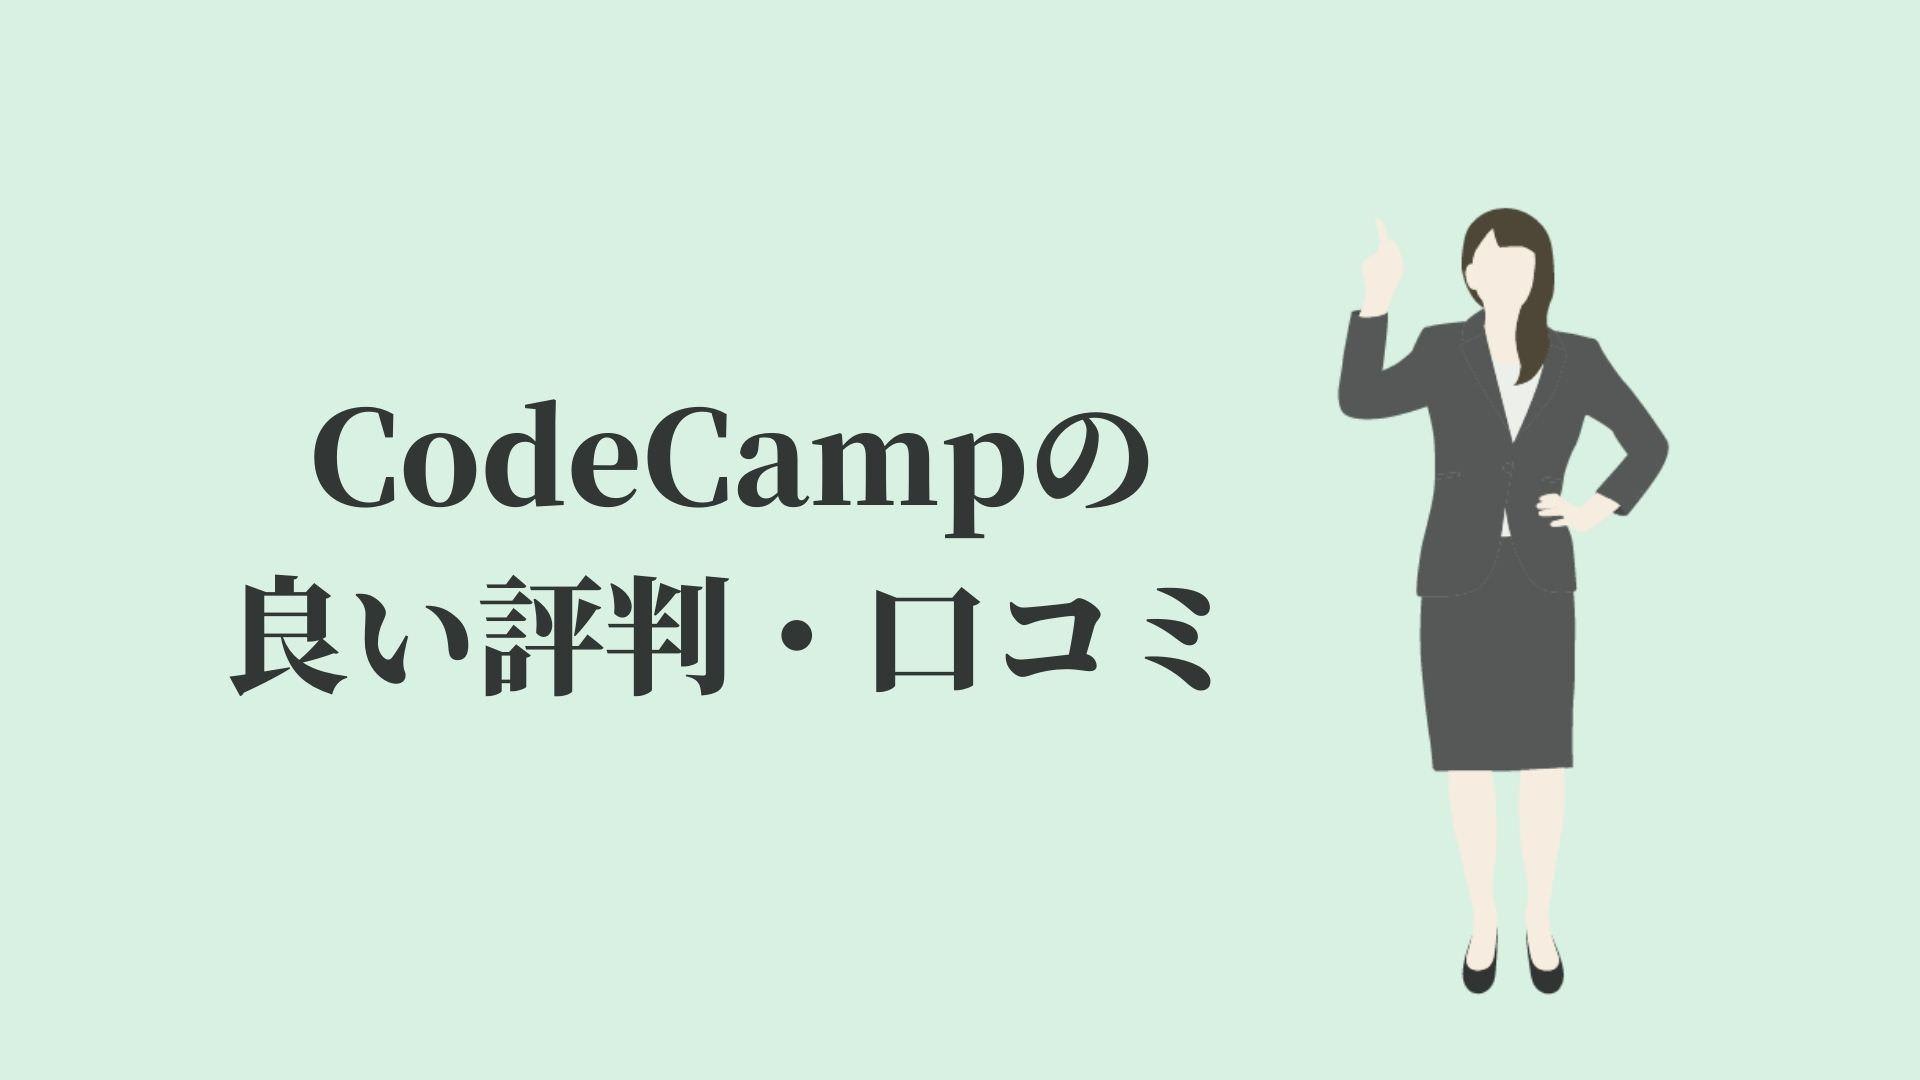 CodeCamp(コードキャンプ)の良い評判・口コミ